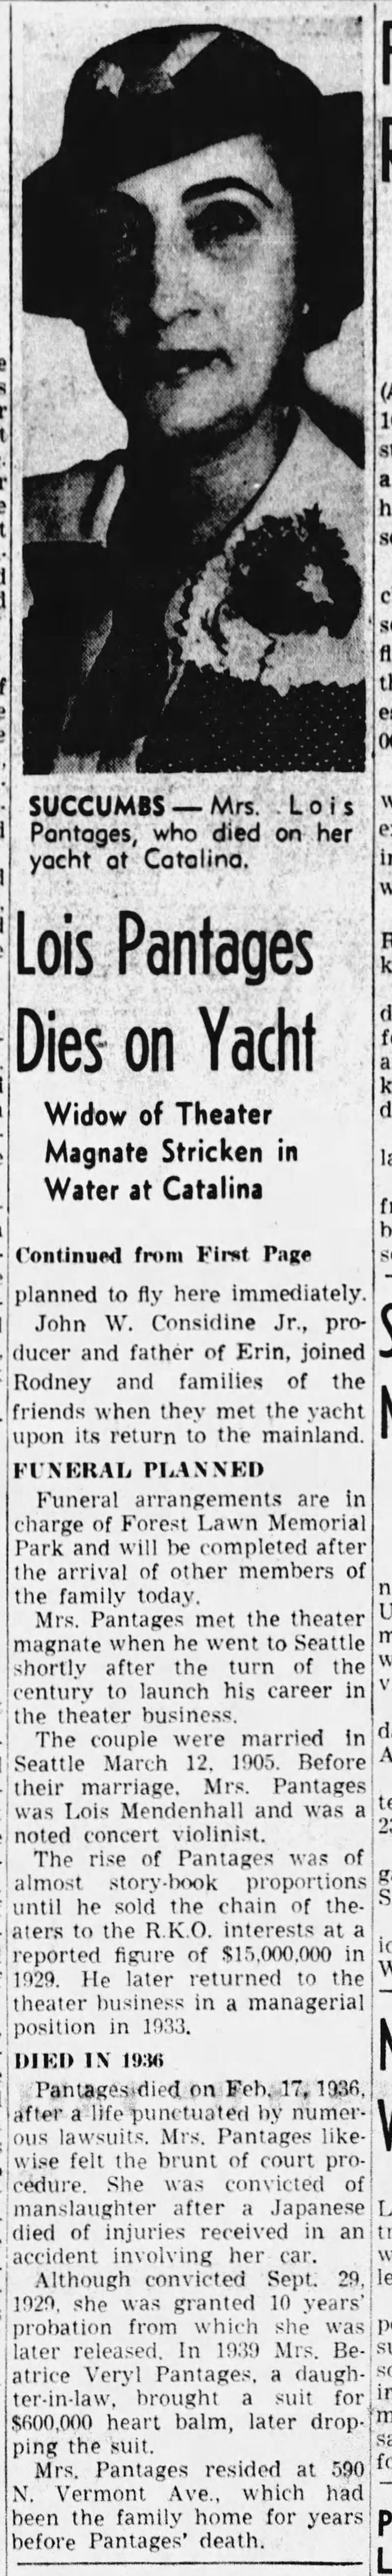 Lois obit The_Los_Angeles_Times_Sat__Jul_19__1941_